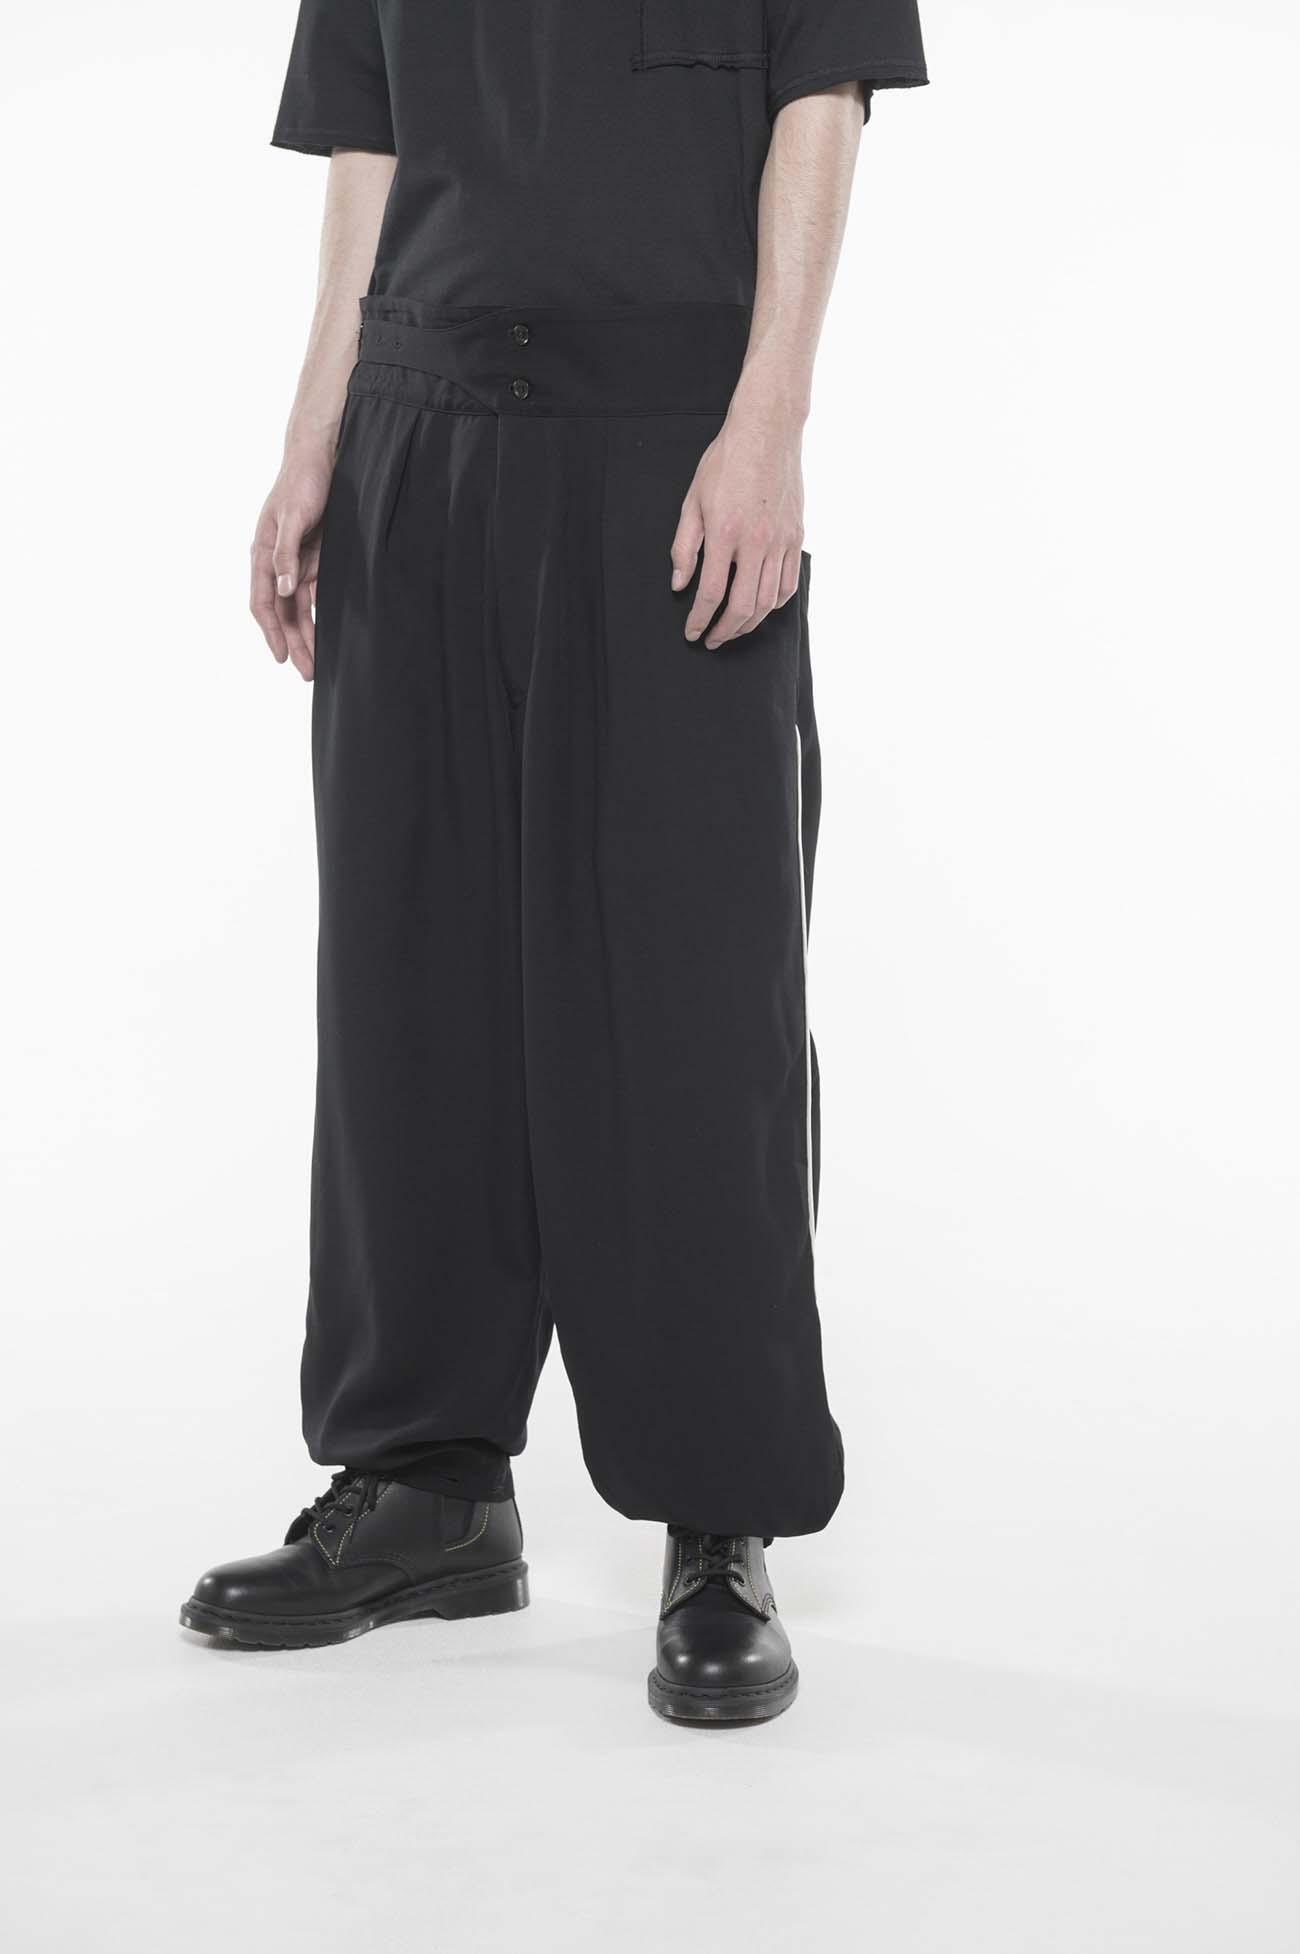 天丝单侧裤线Gurkha长裤